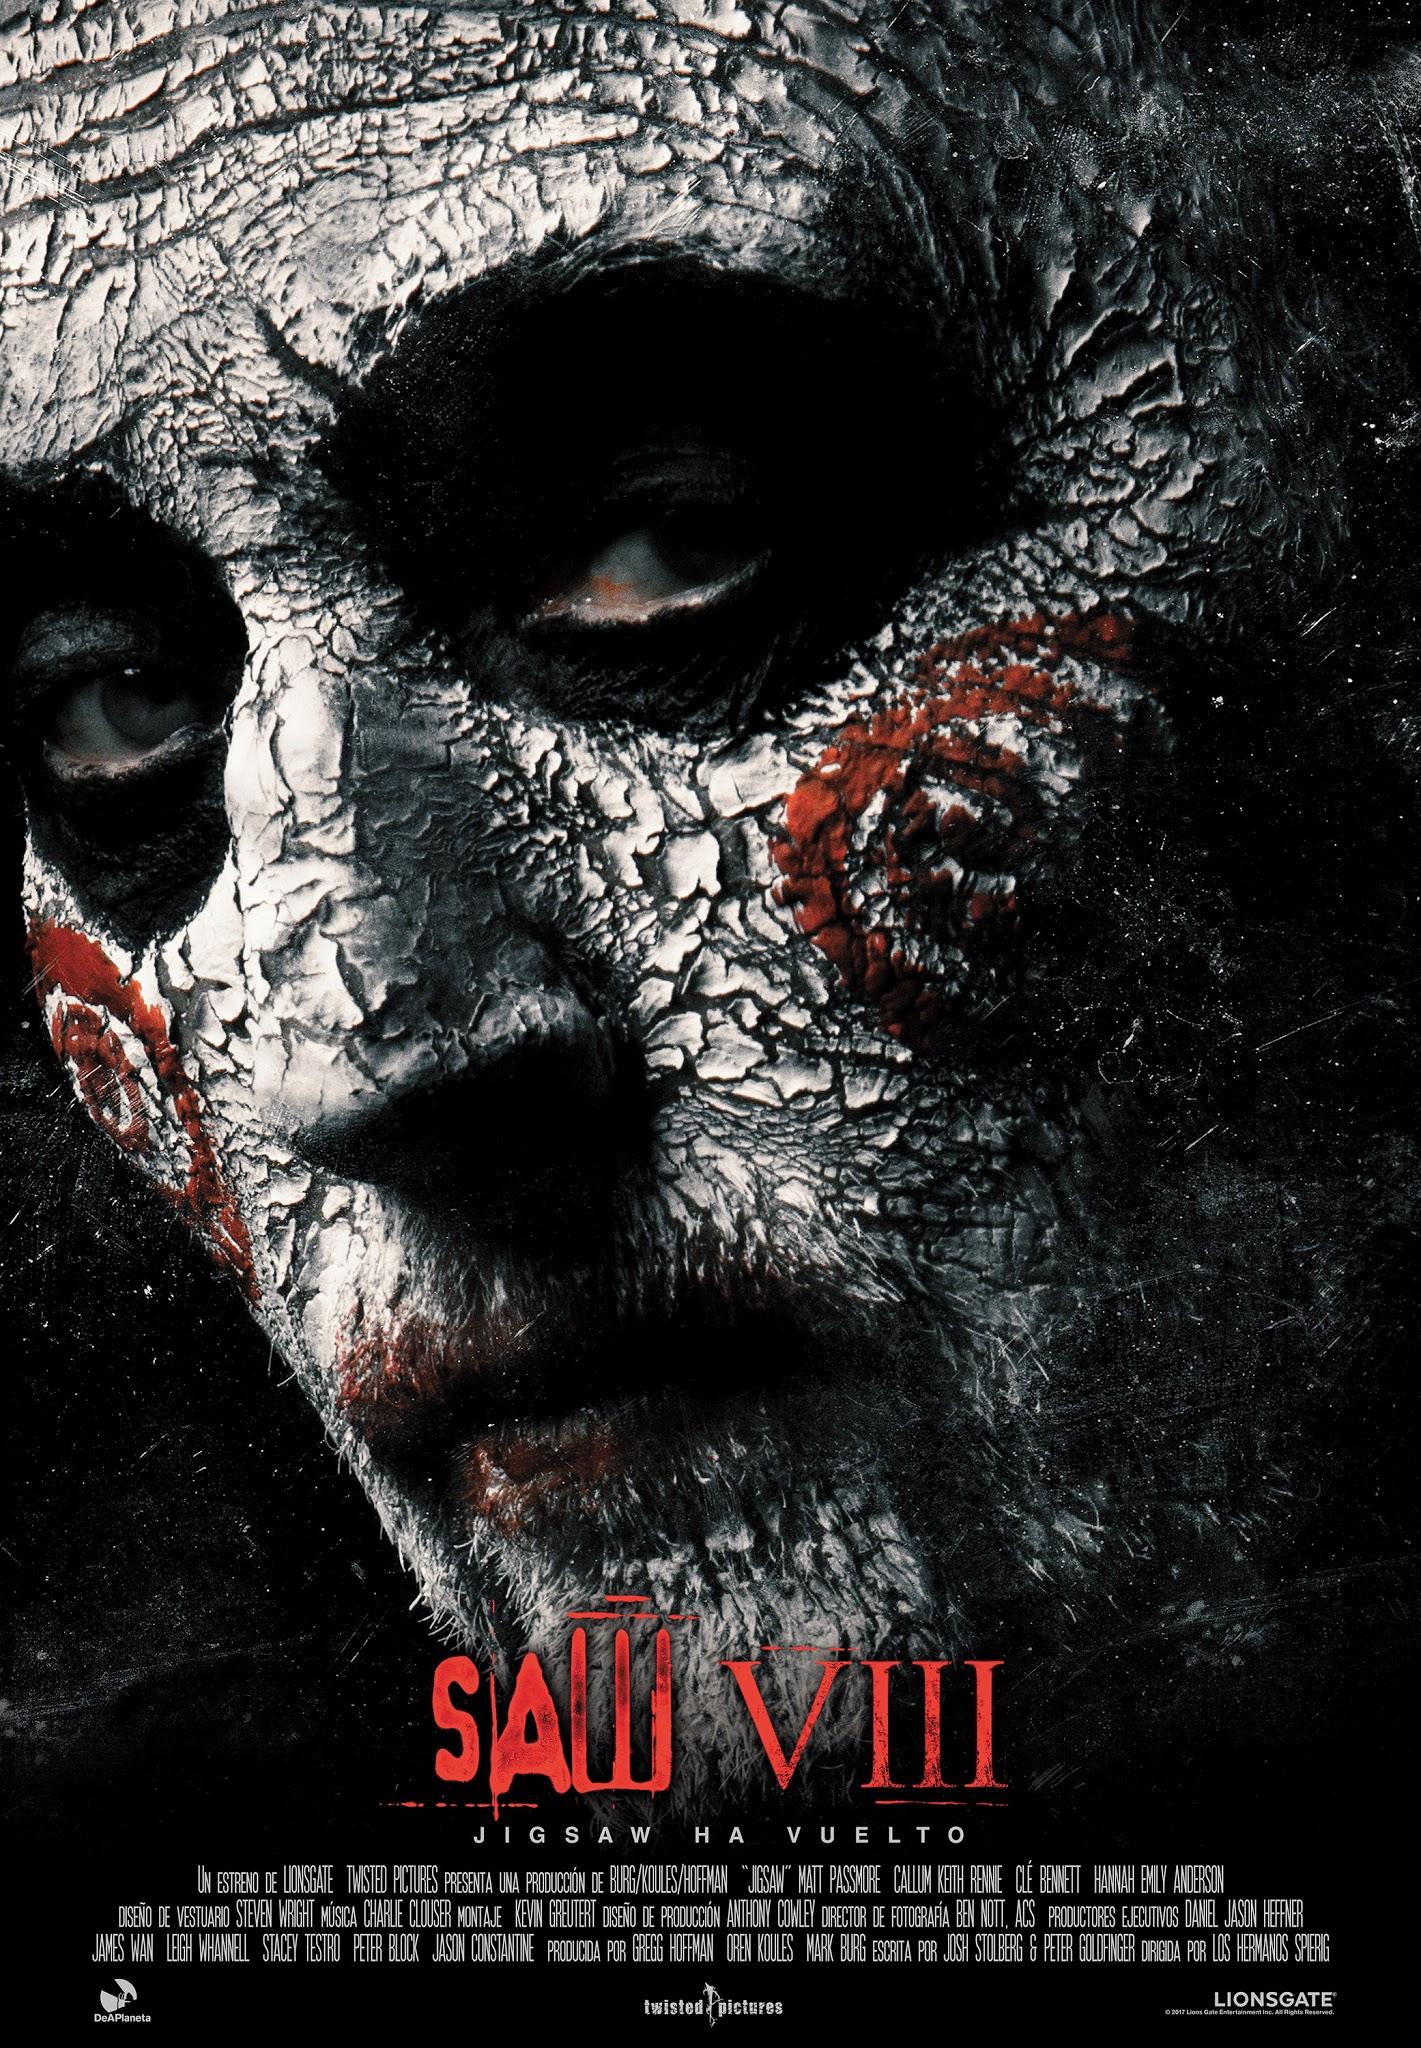 Saw VIII (Jigsaw) (2017)